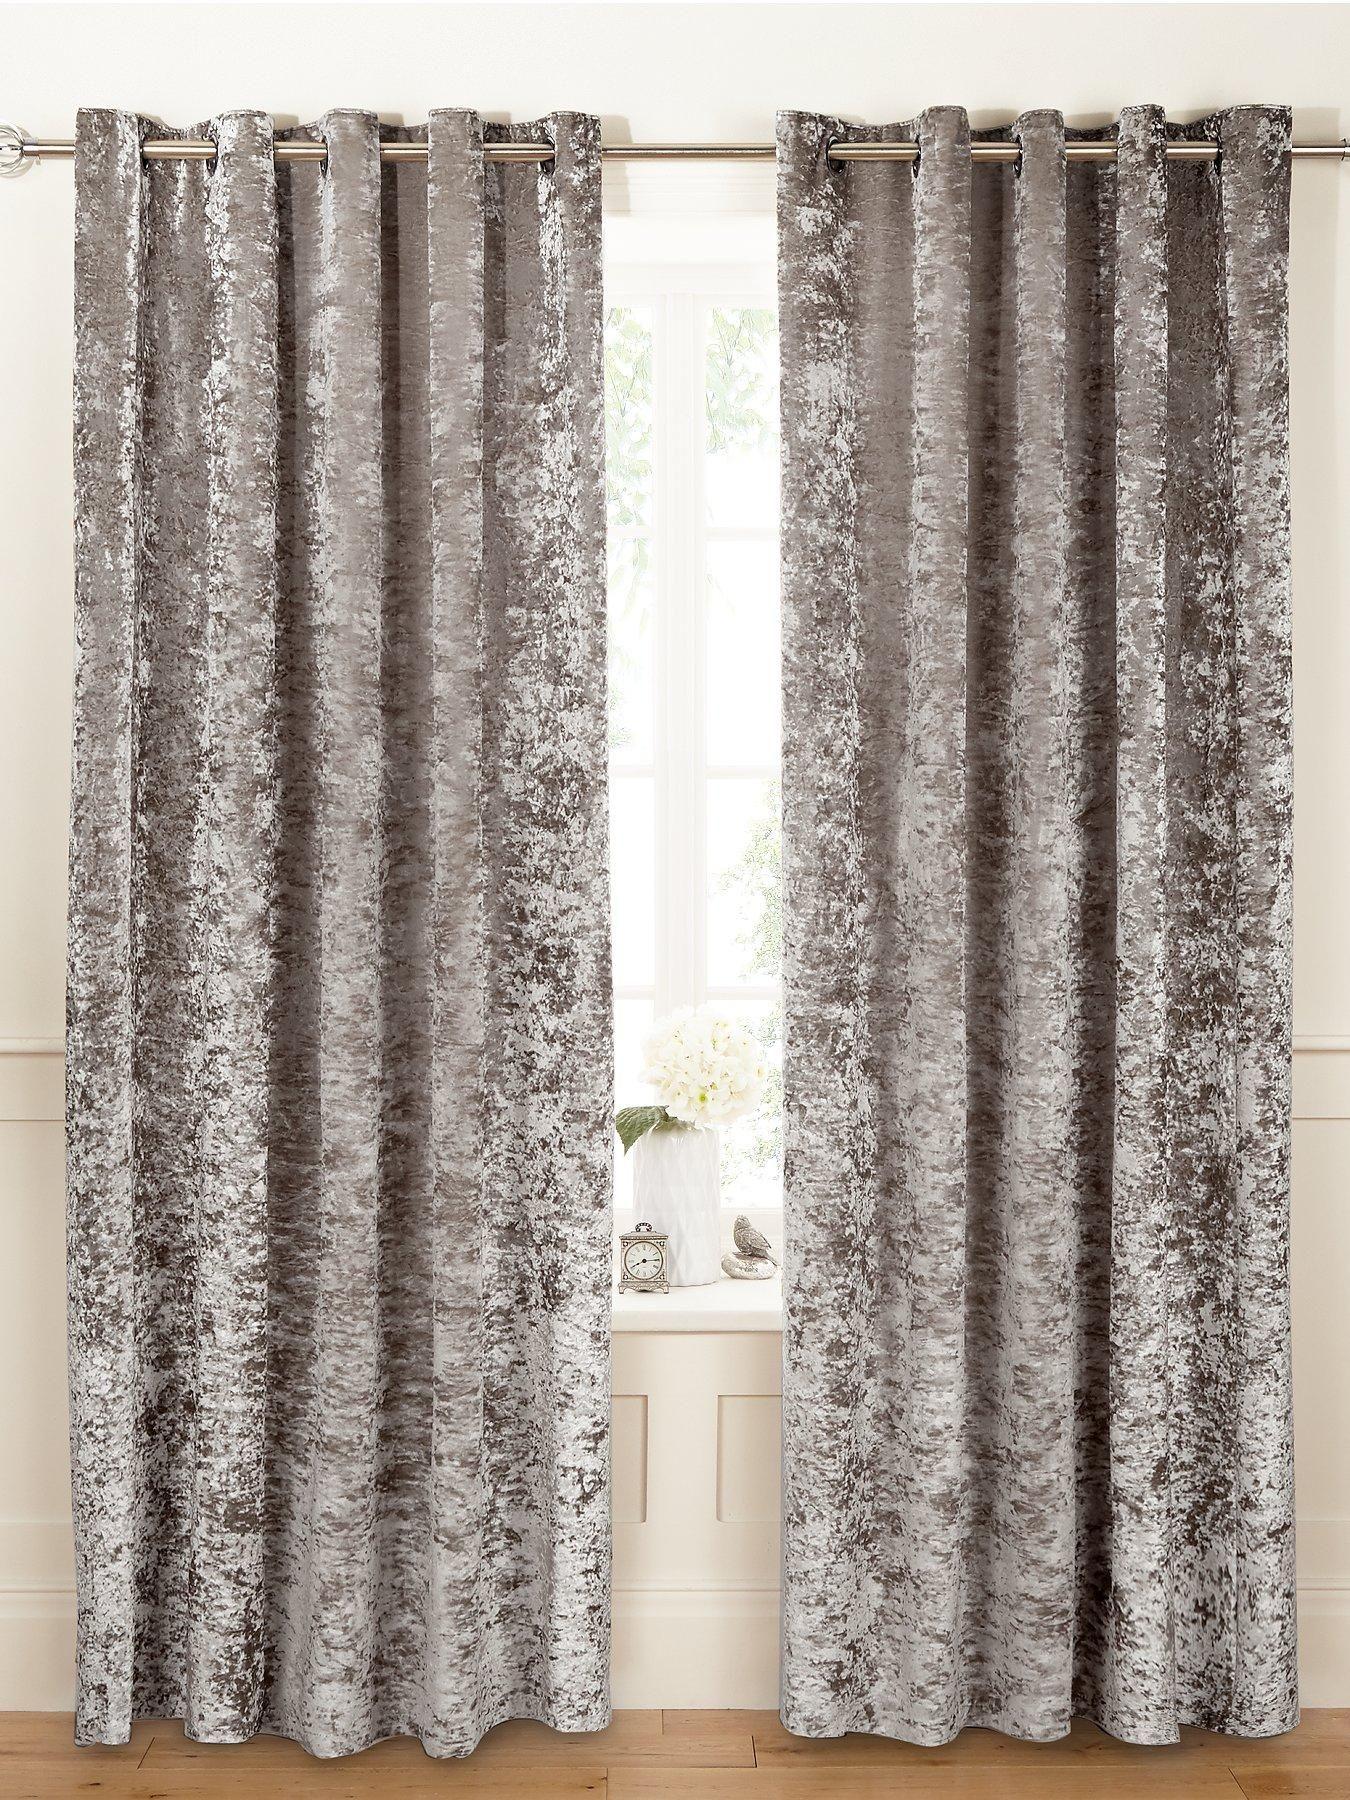 Luxury Crushed Velvet Eyelet Curtains Very Co Uk